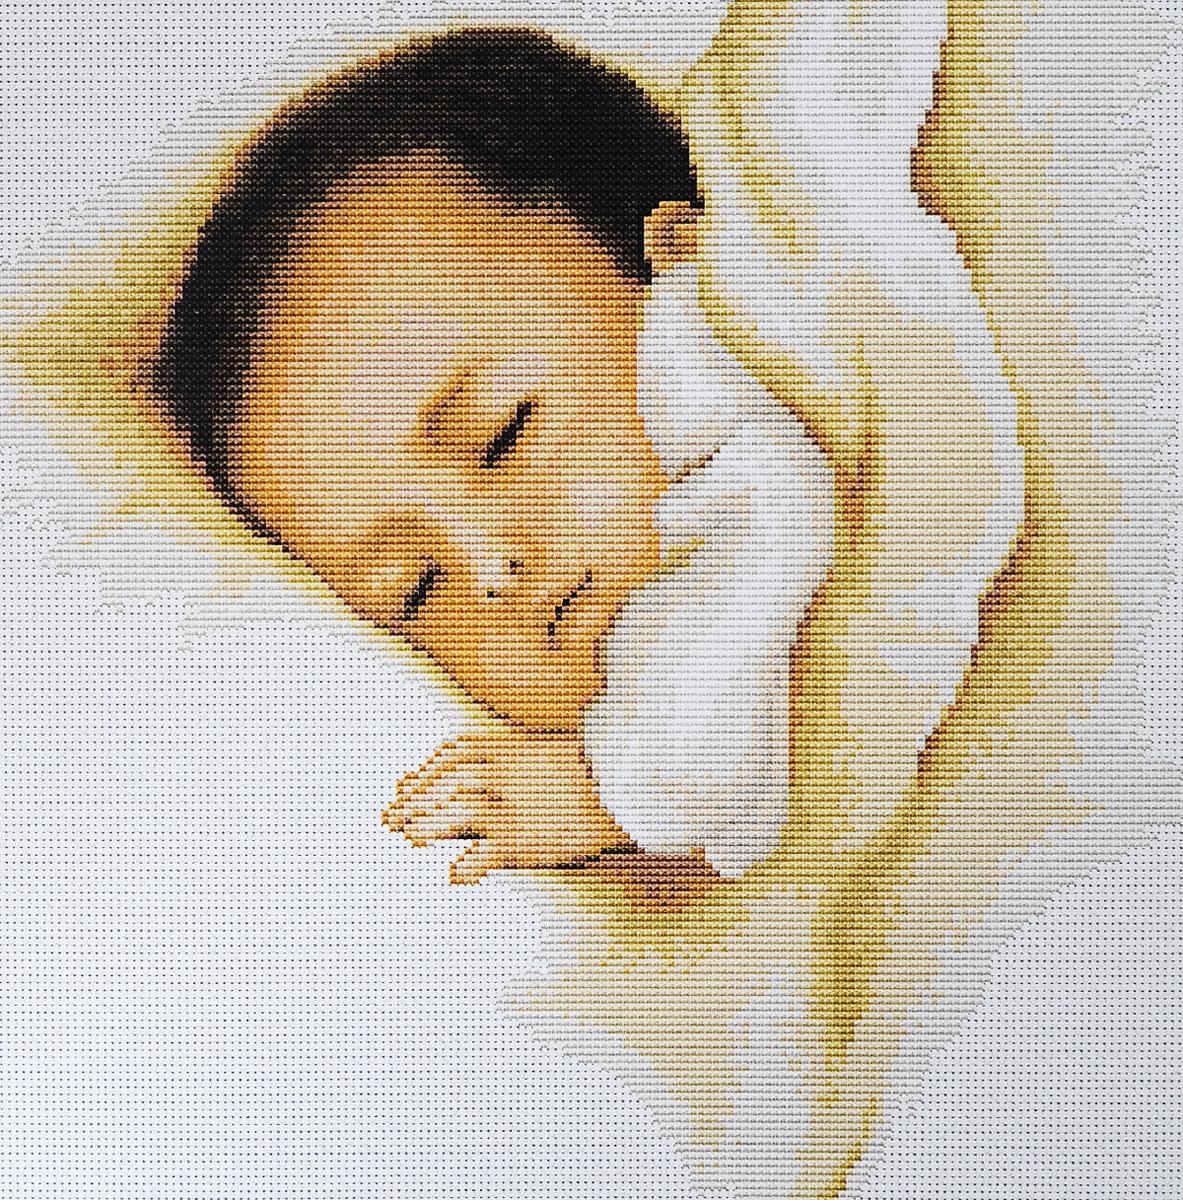 Набор для вышивания крестом Luca-S Сладкий сон, 24,5 х 24,5 смB384Набор для вышивания крестом Luca-S Сладкий сон поможет создать красивую вышитую картину. Рисунок-вышивка, выполненный на канве, выглядит стильно и модно. Вышивание отвлечет вас от повседневных забот и превратится в увлекательное занятие! Работа, сделанная своими руками, не только украсит интерьер дома, придав ему уют и оригинальность, но и будет отличным подарком для друзей и близких! Набор содержит все необходимые материалы для вышивки на канве в технике счетный крест. В набор входит: - канва Aida 18 Zweigart (белого цвета), - нитки мулине Anchor - 100% мерсеризованный хлопок (24 цвета), - черно-белая символьная схема, - инструкция на русском языке, - игла.